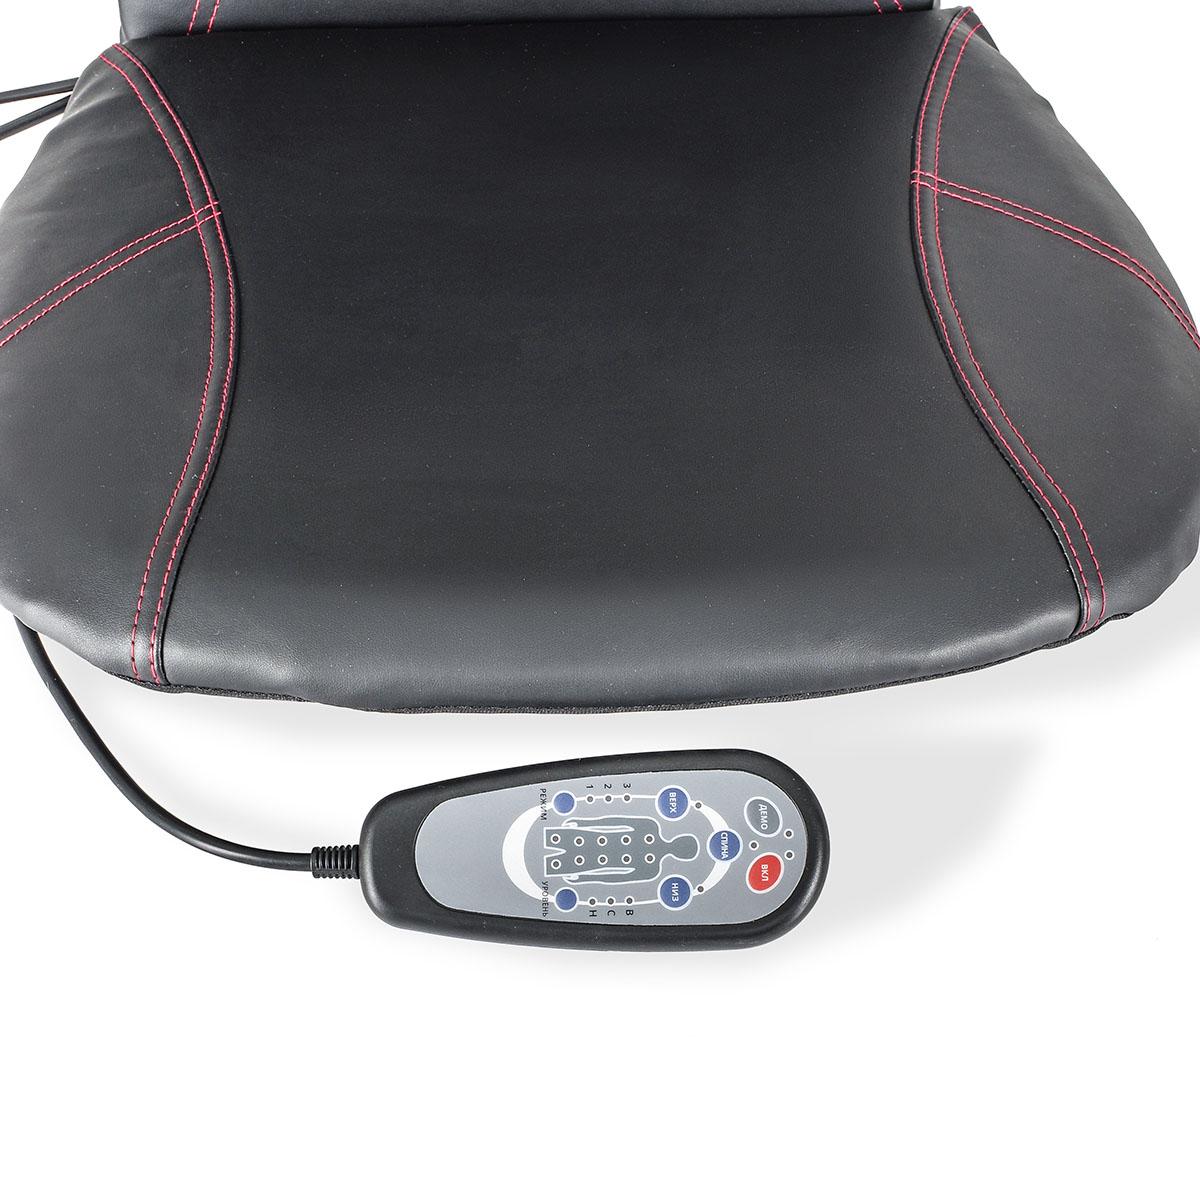 MediTech Накидка на сидение, предназначена для проведения аппаратного массажа ,для дома, офиса, автомобиля МТ-924